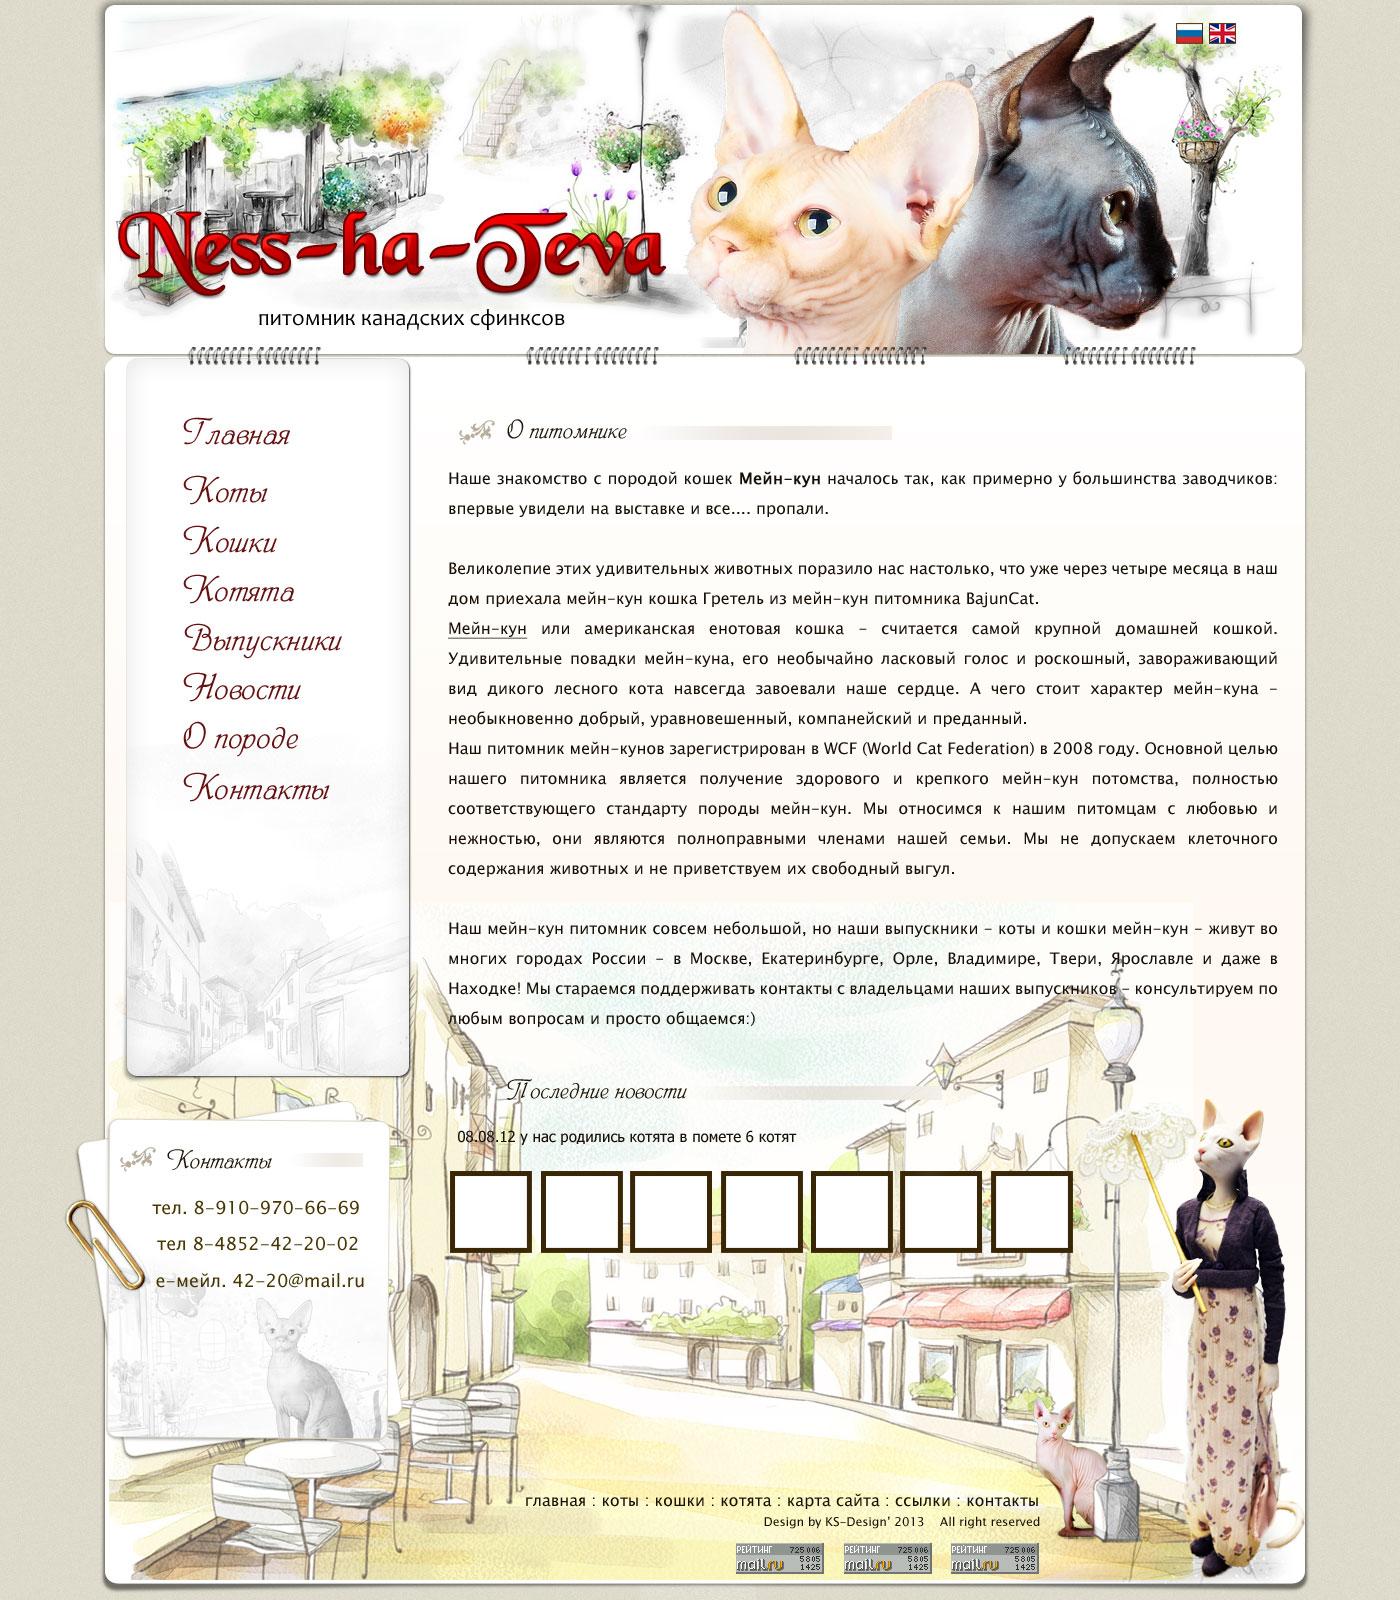 дизайн сайта питомника канадских сфинкса